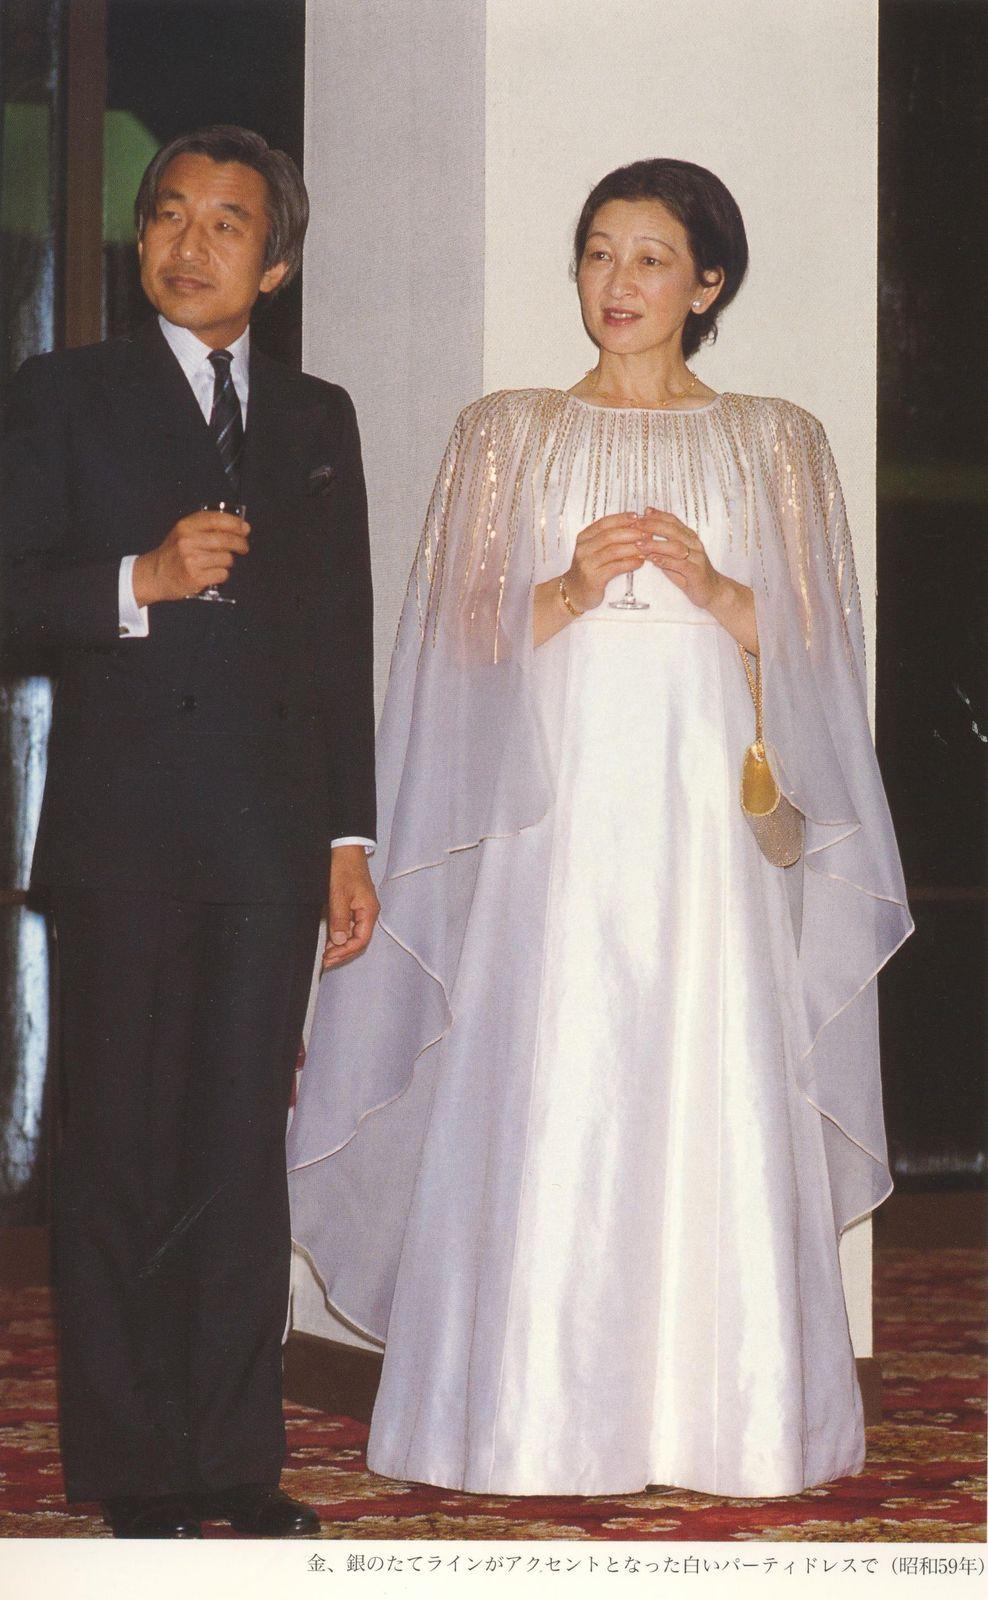 美智子様の皇太子妃時代の豪華なドレス  remmikkiのブログ